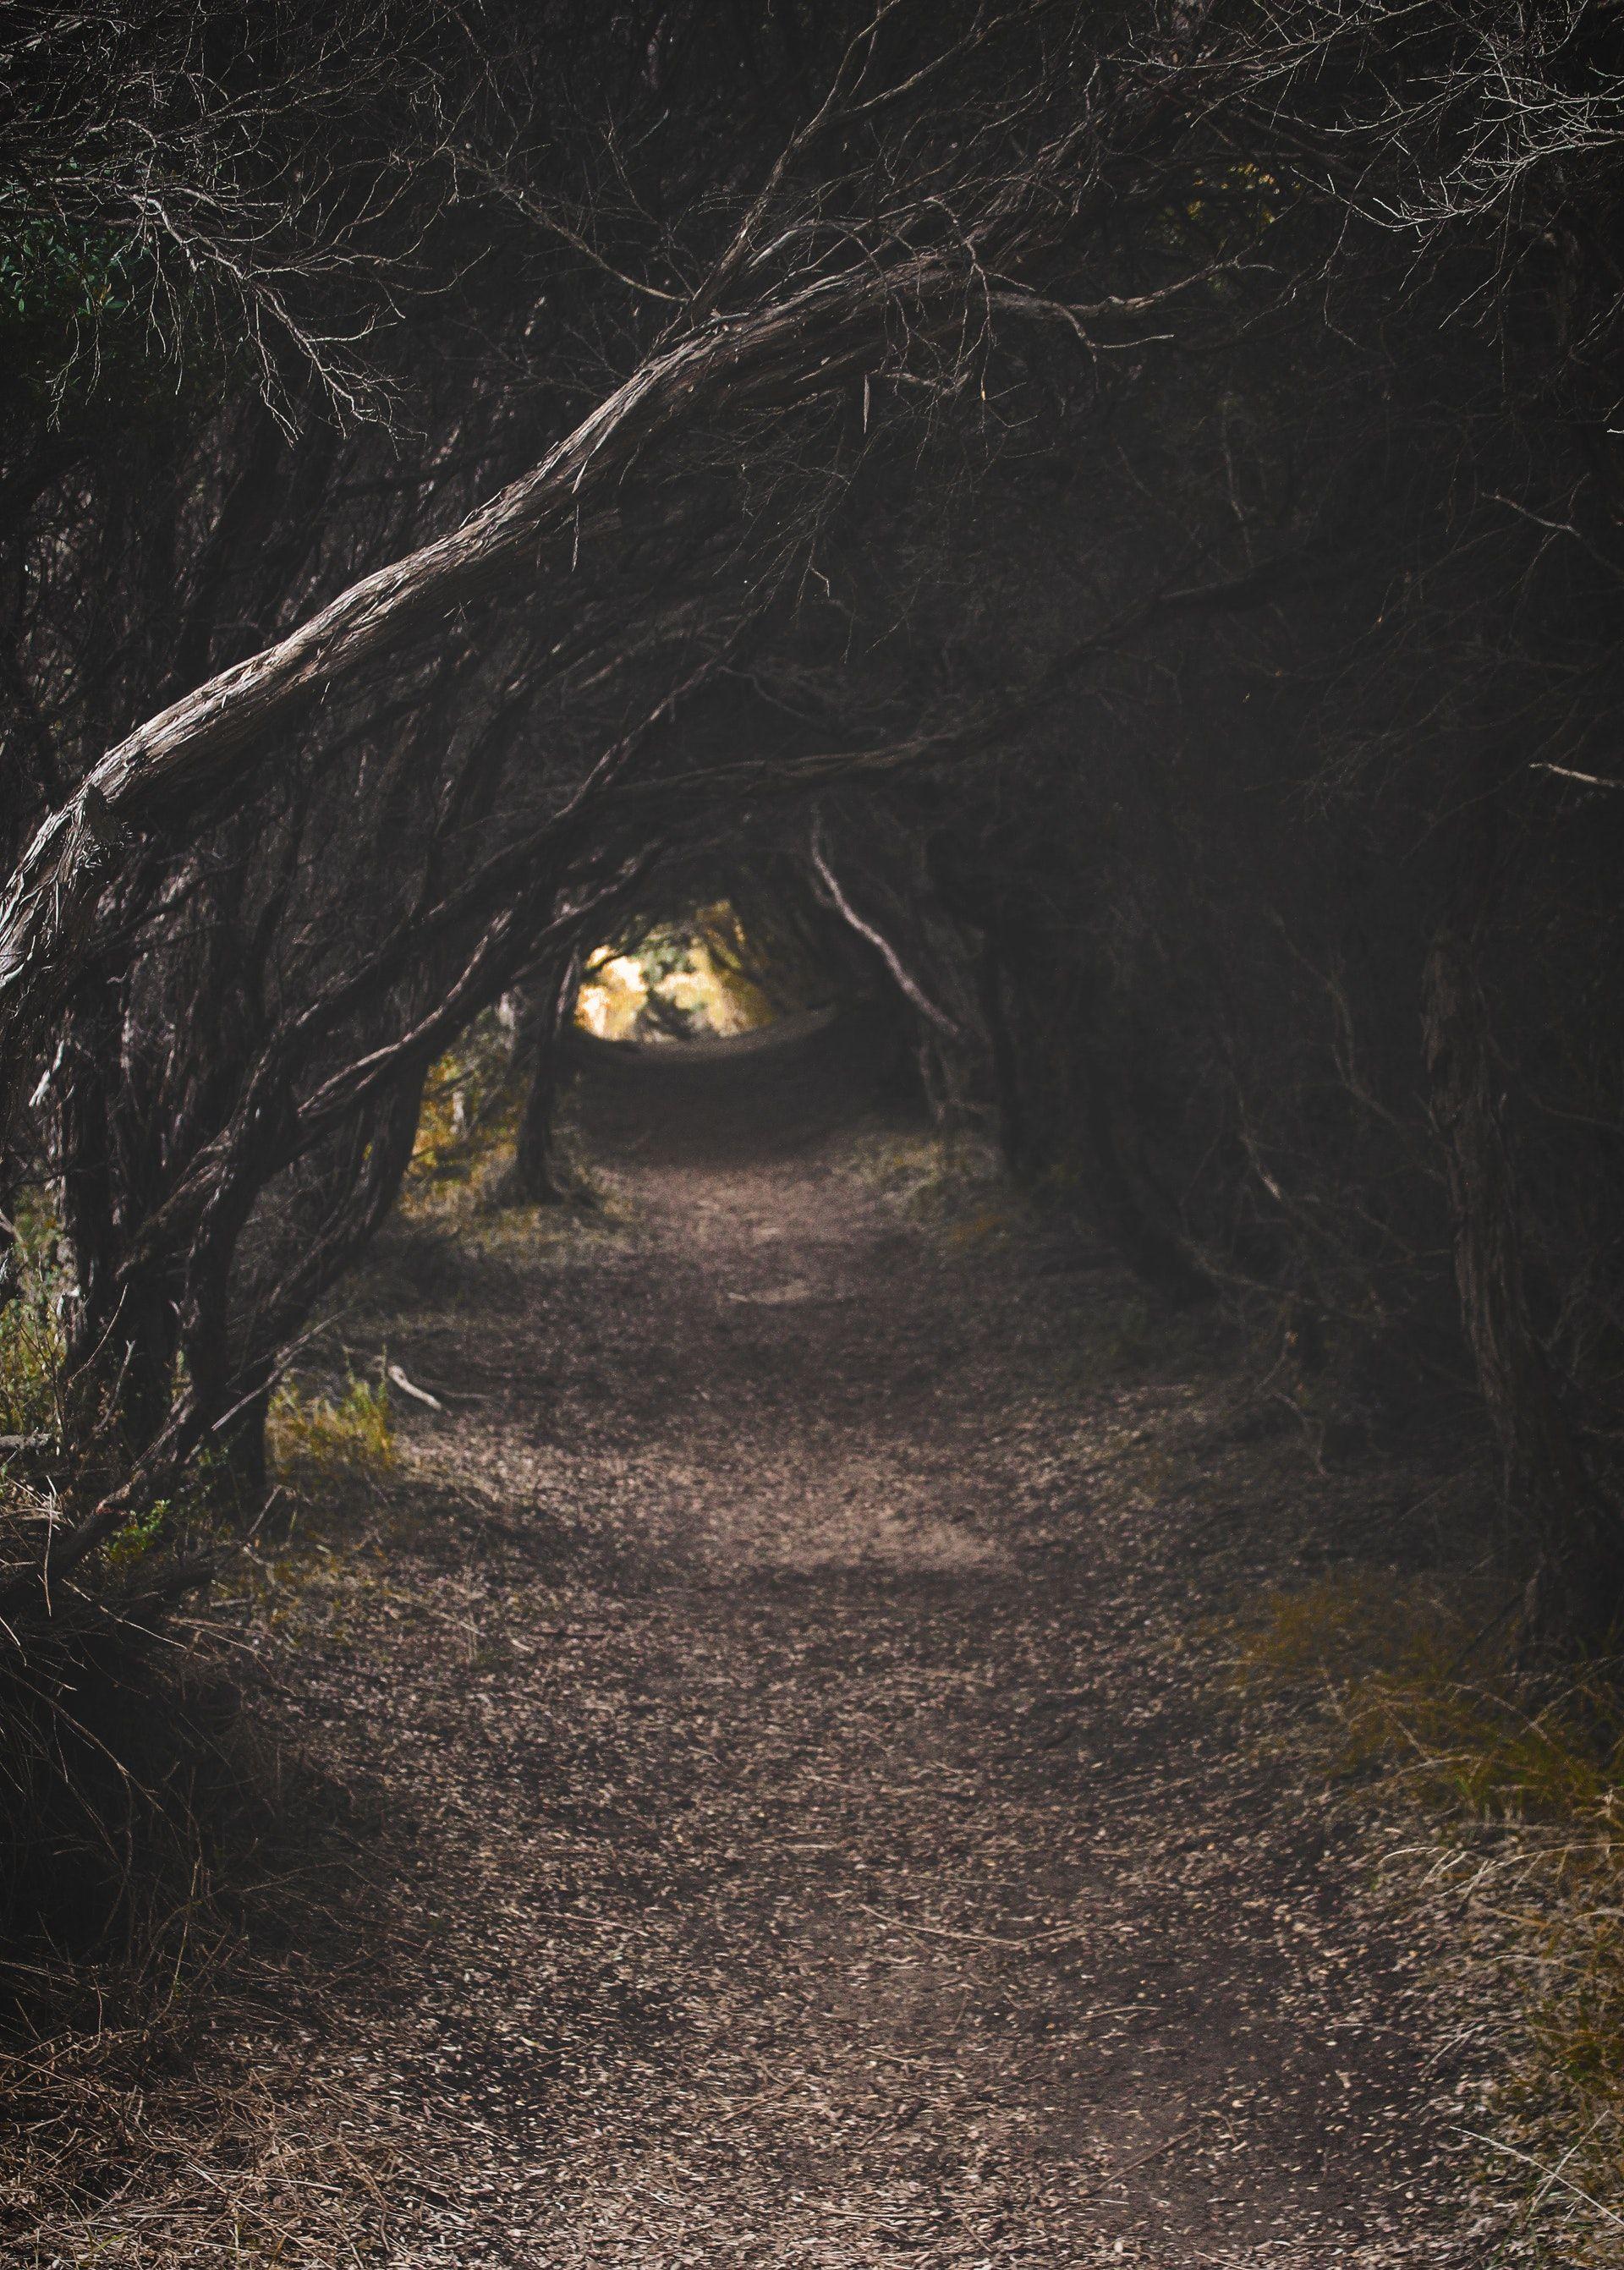 عکس زمینه مسیر درخت پس زمینه